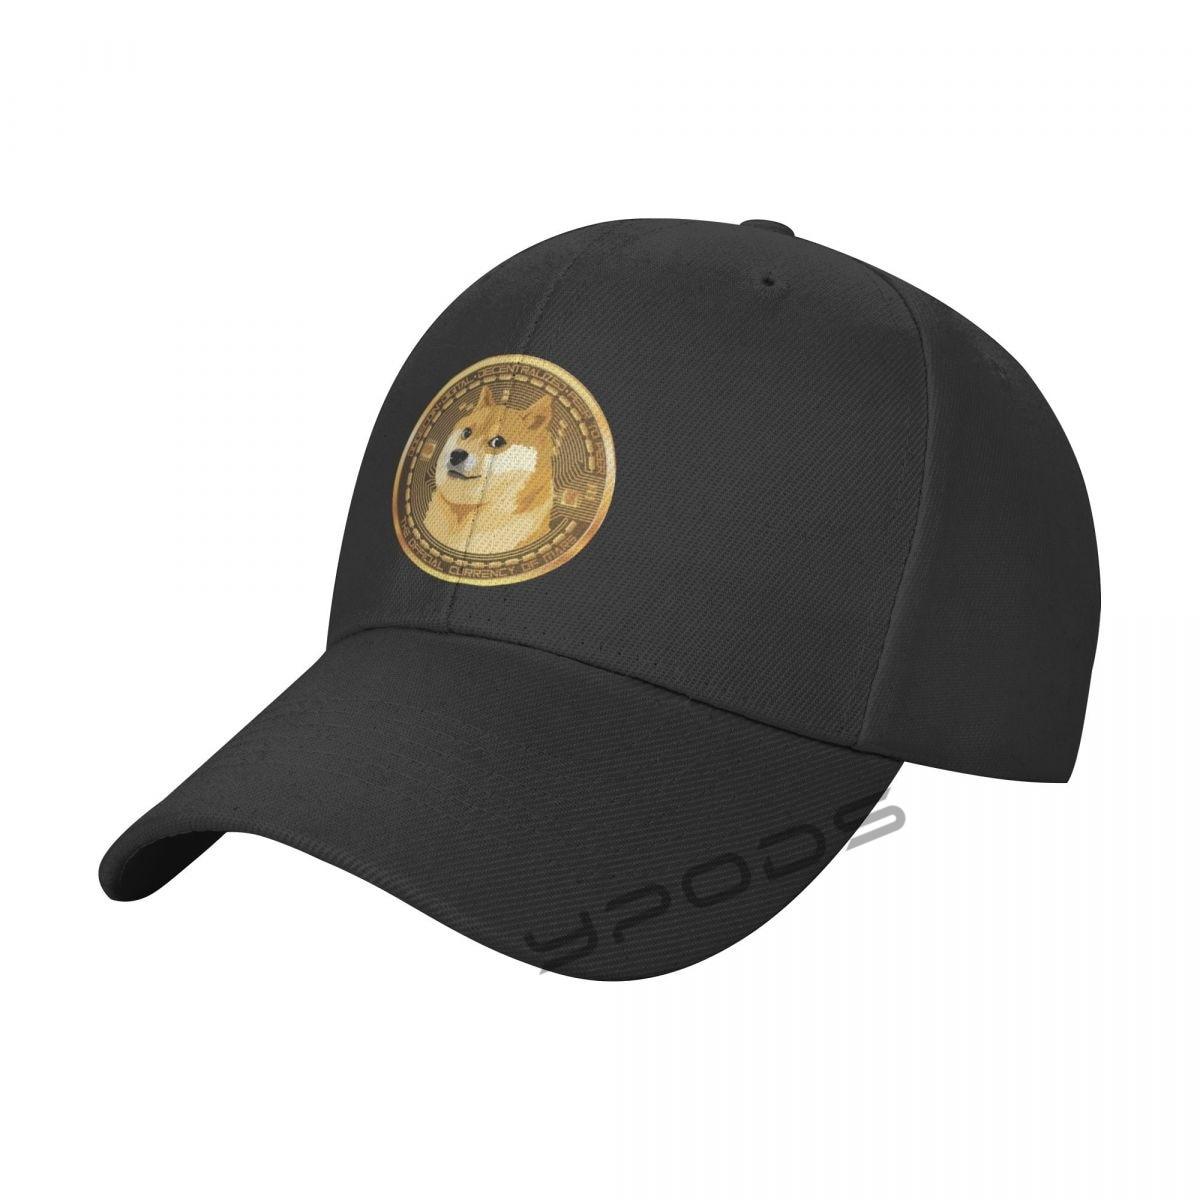 Однотонные бейсбольные кепки Dogecoin, смешные биткоины разных цветов, мужские и женские кепки с козырьком, регулируемые повседневные спортивн...